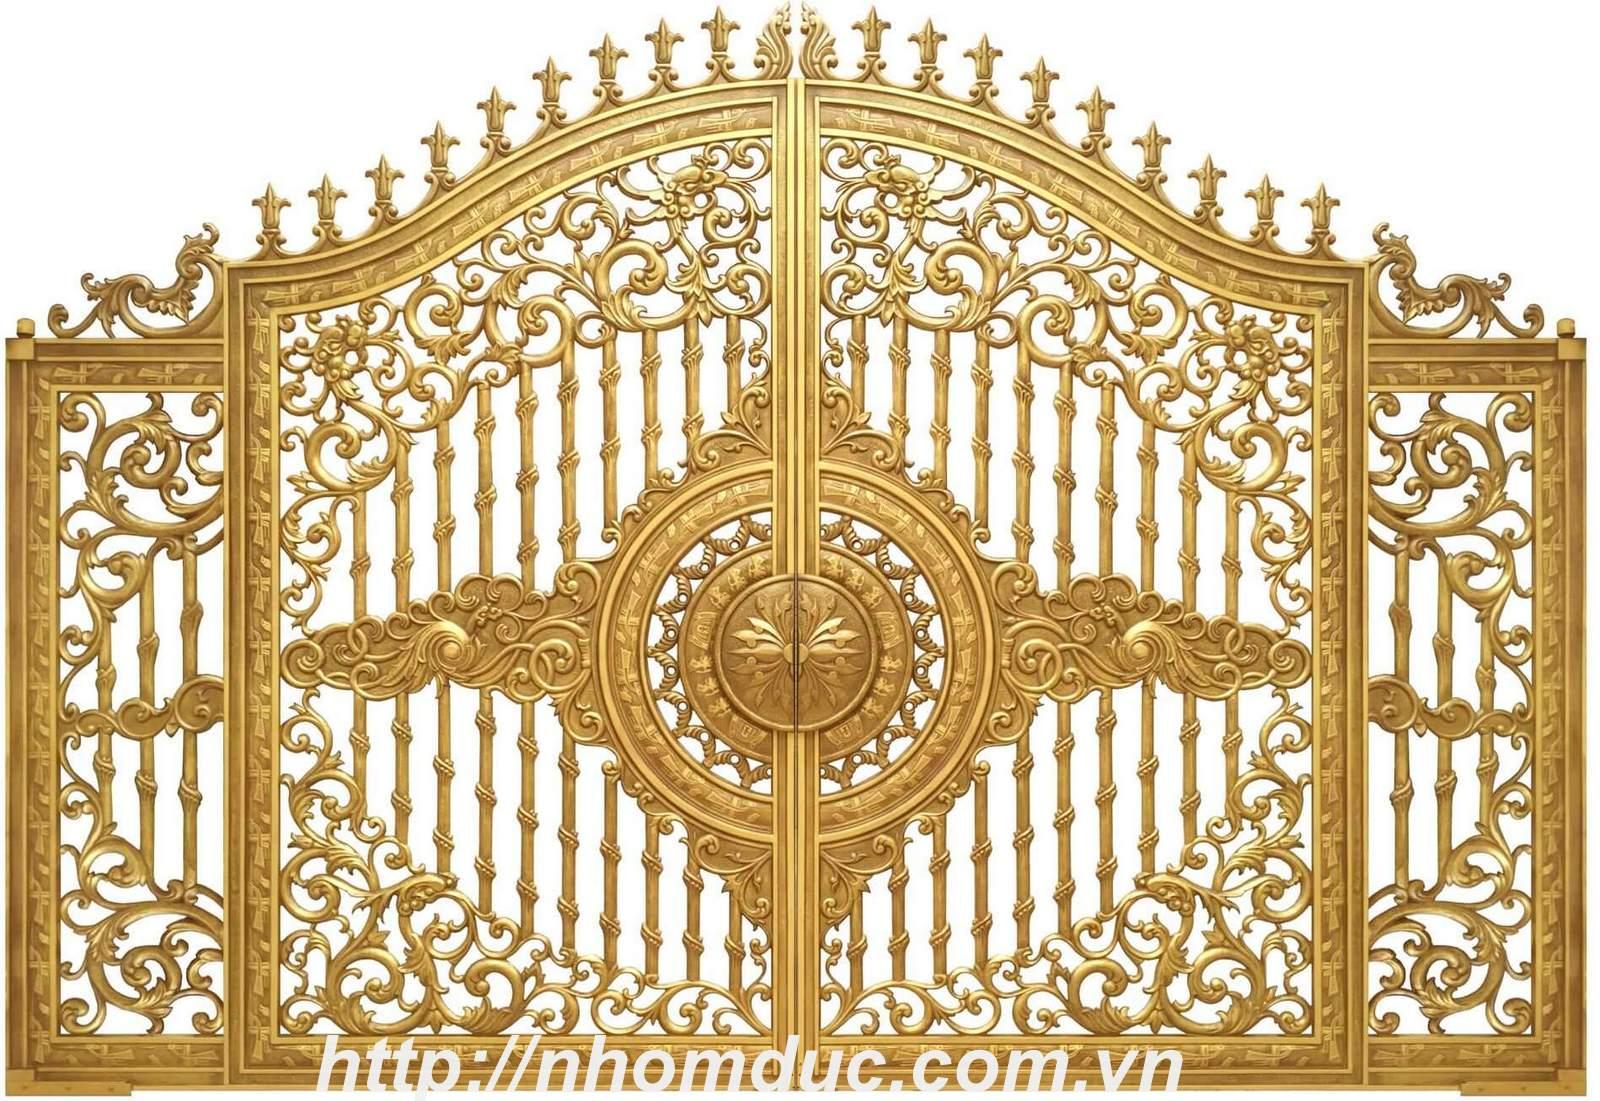 Sản xuất cổng nhôm đúc hàng đầu ở tại Hải Phòng với chất lượng tốt nhất